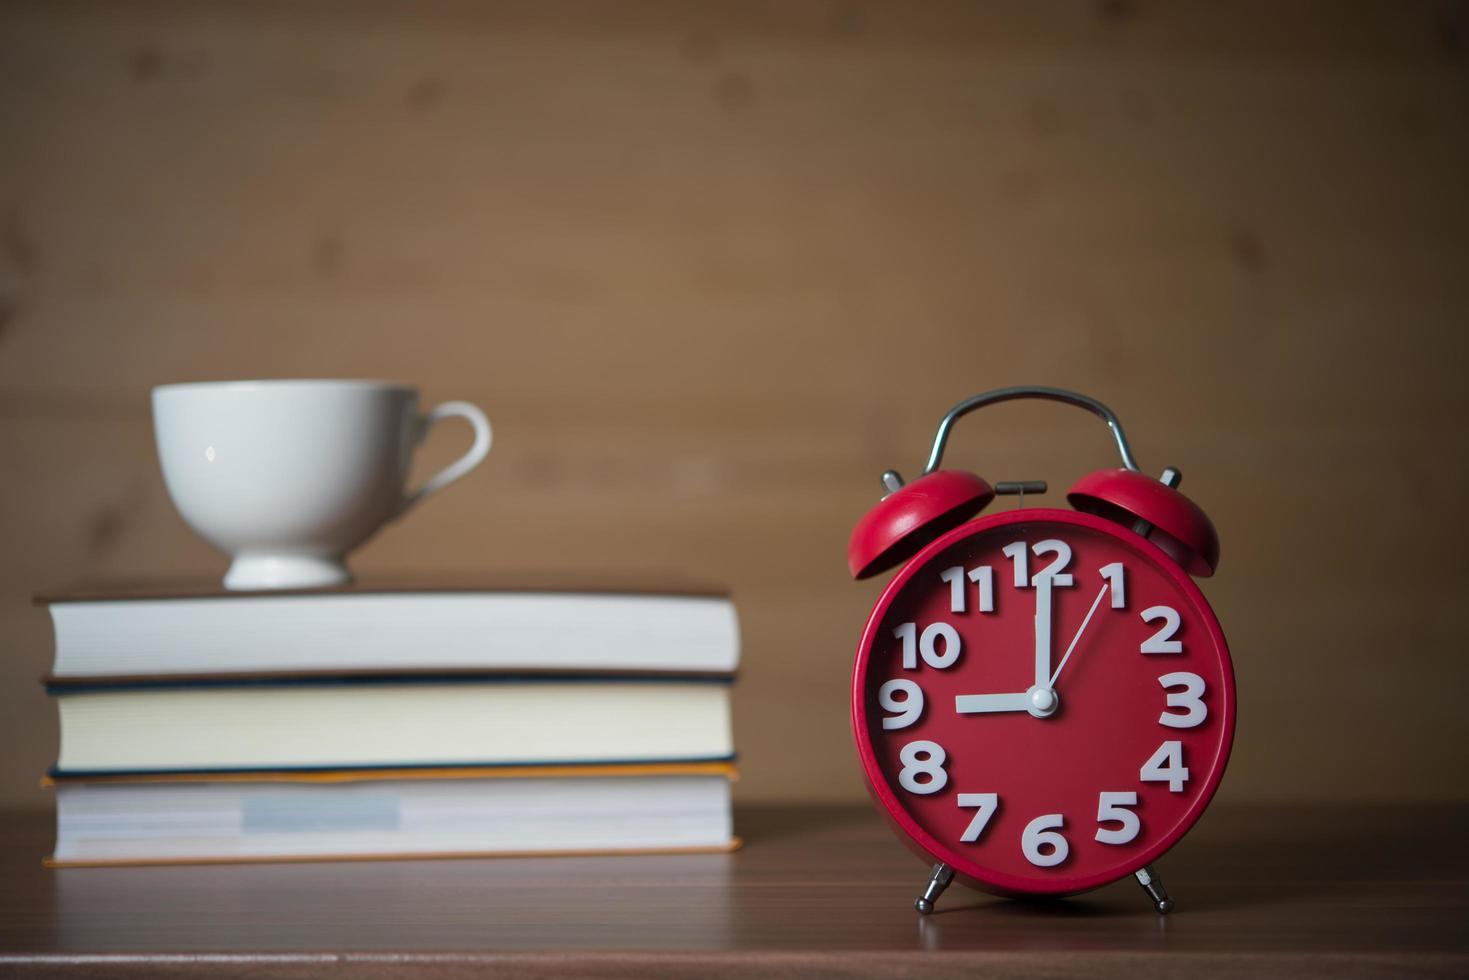 réveil à 9h et une pile de livres avec café photo